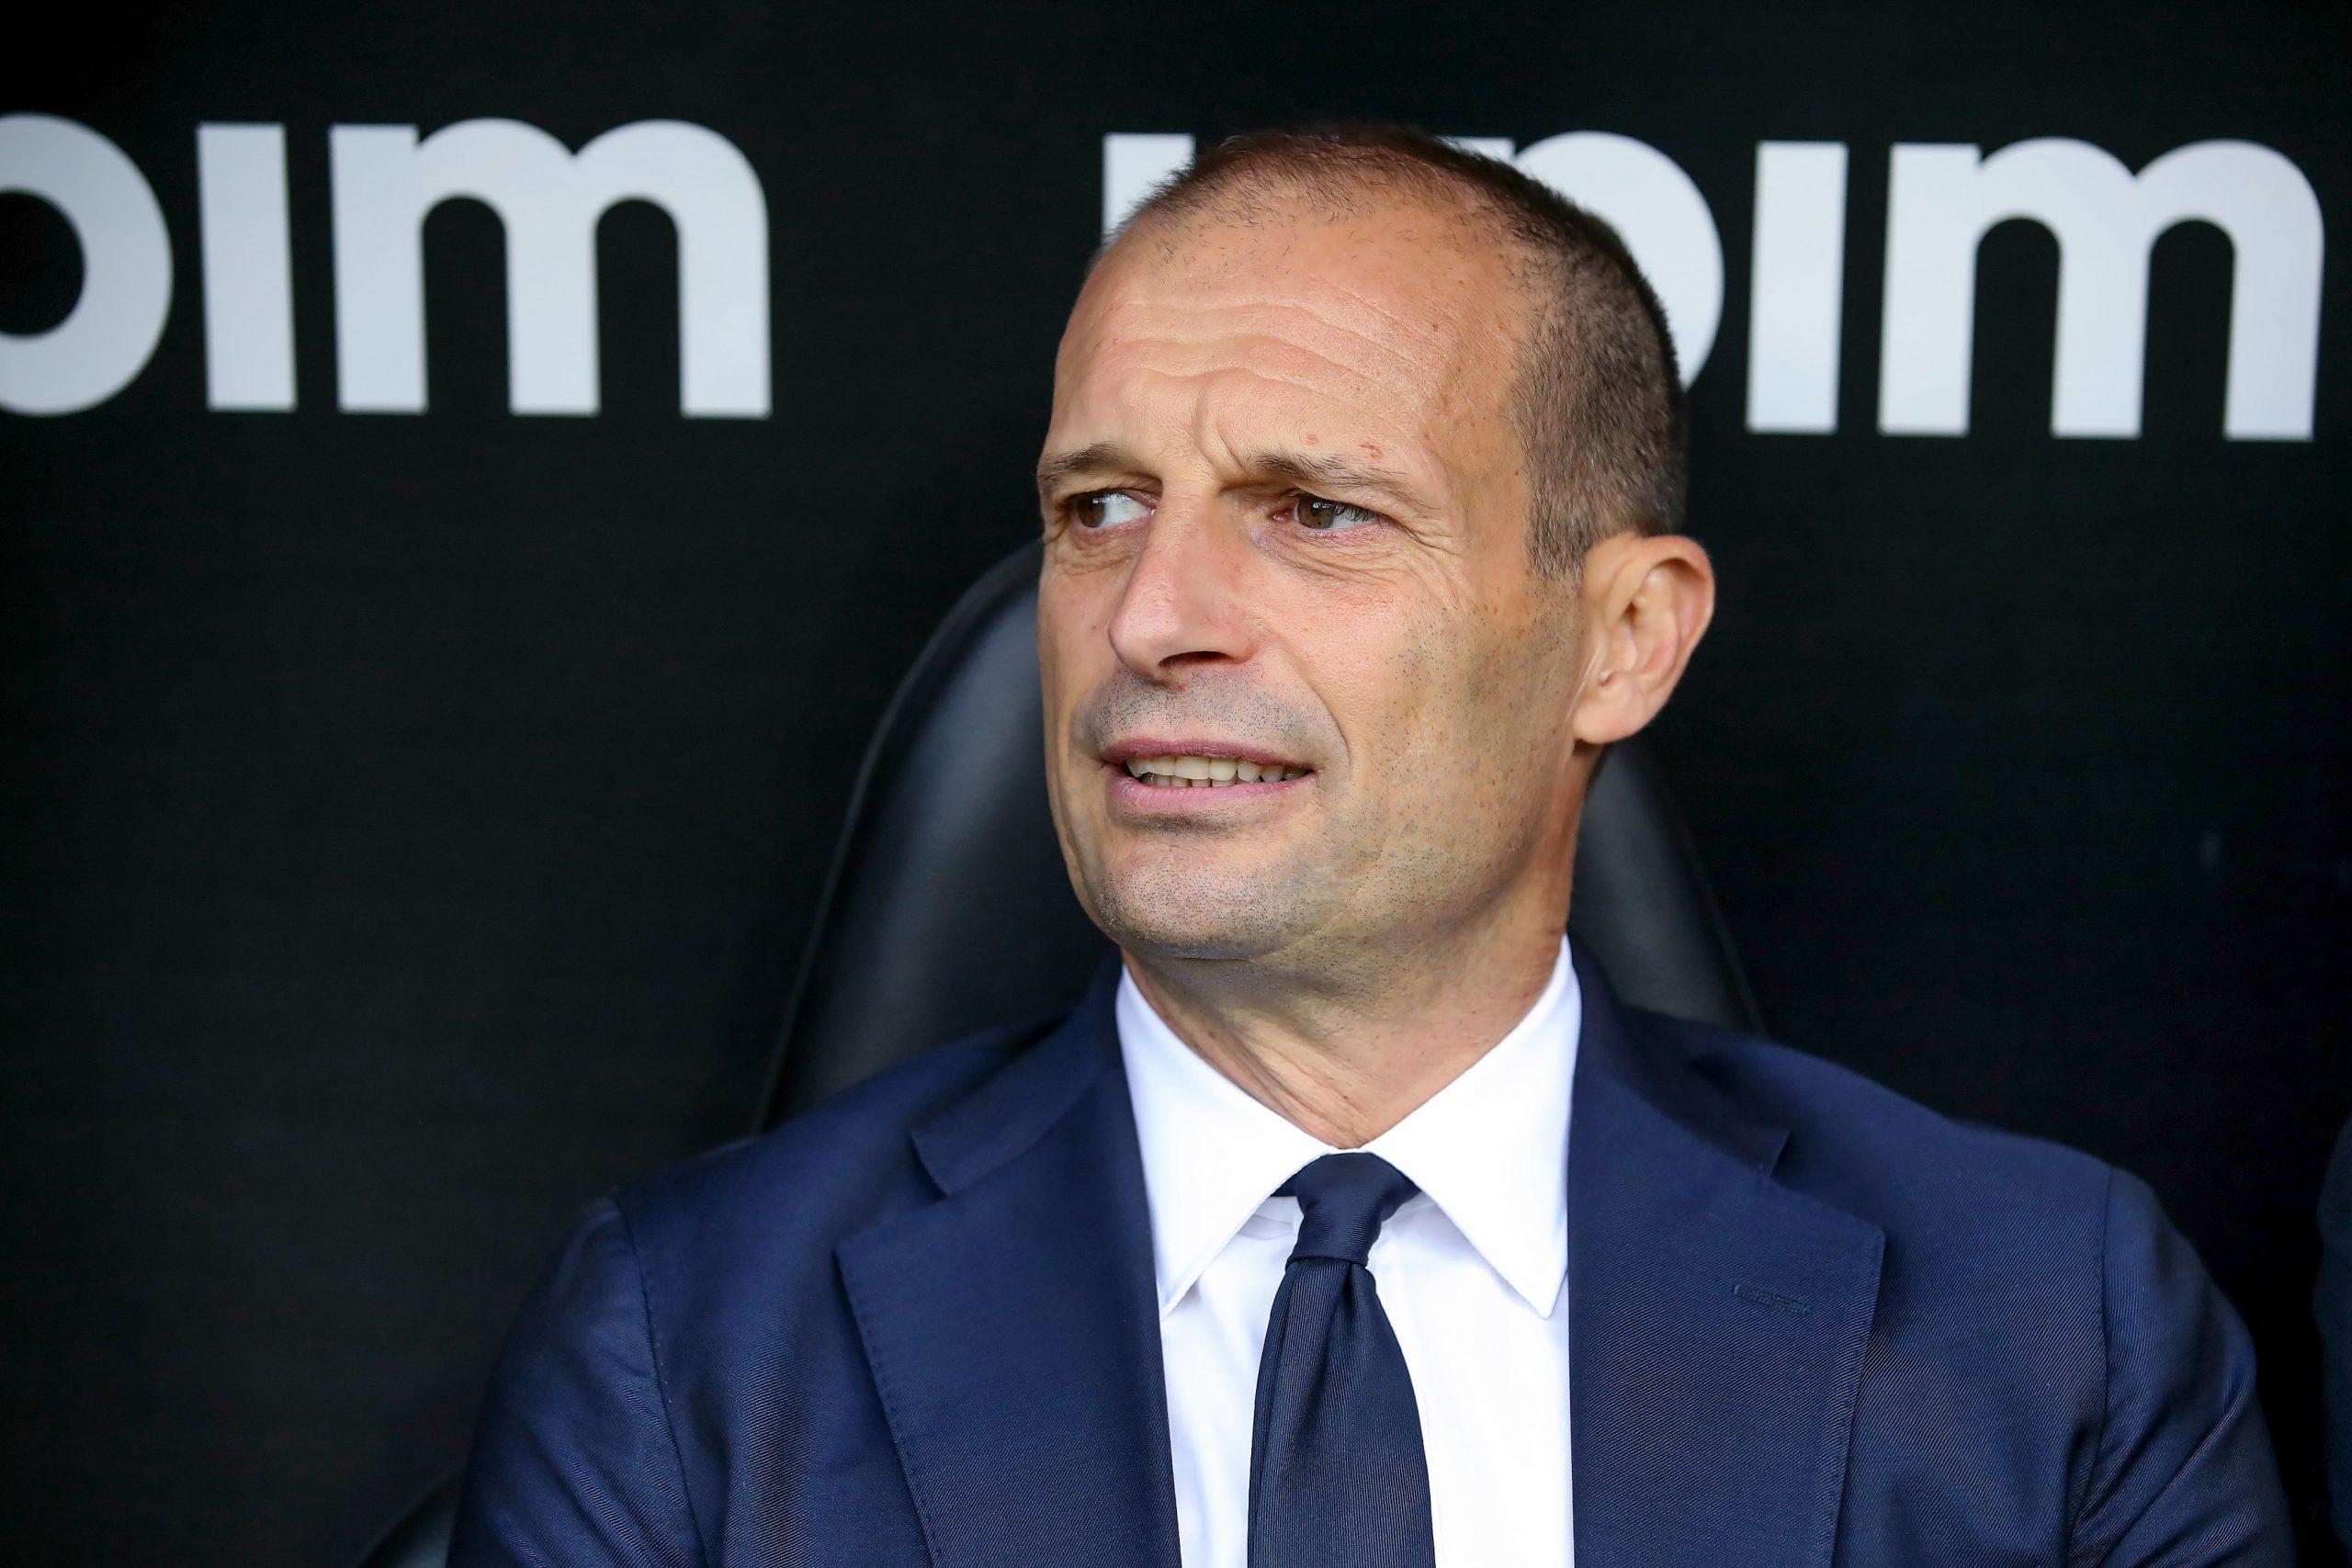 Mercato - Le PSG veut remplacer Tuchel, intérêt mutuel avec Allegri selon Foot Mercato